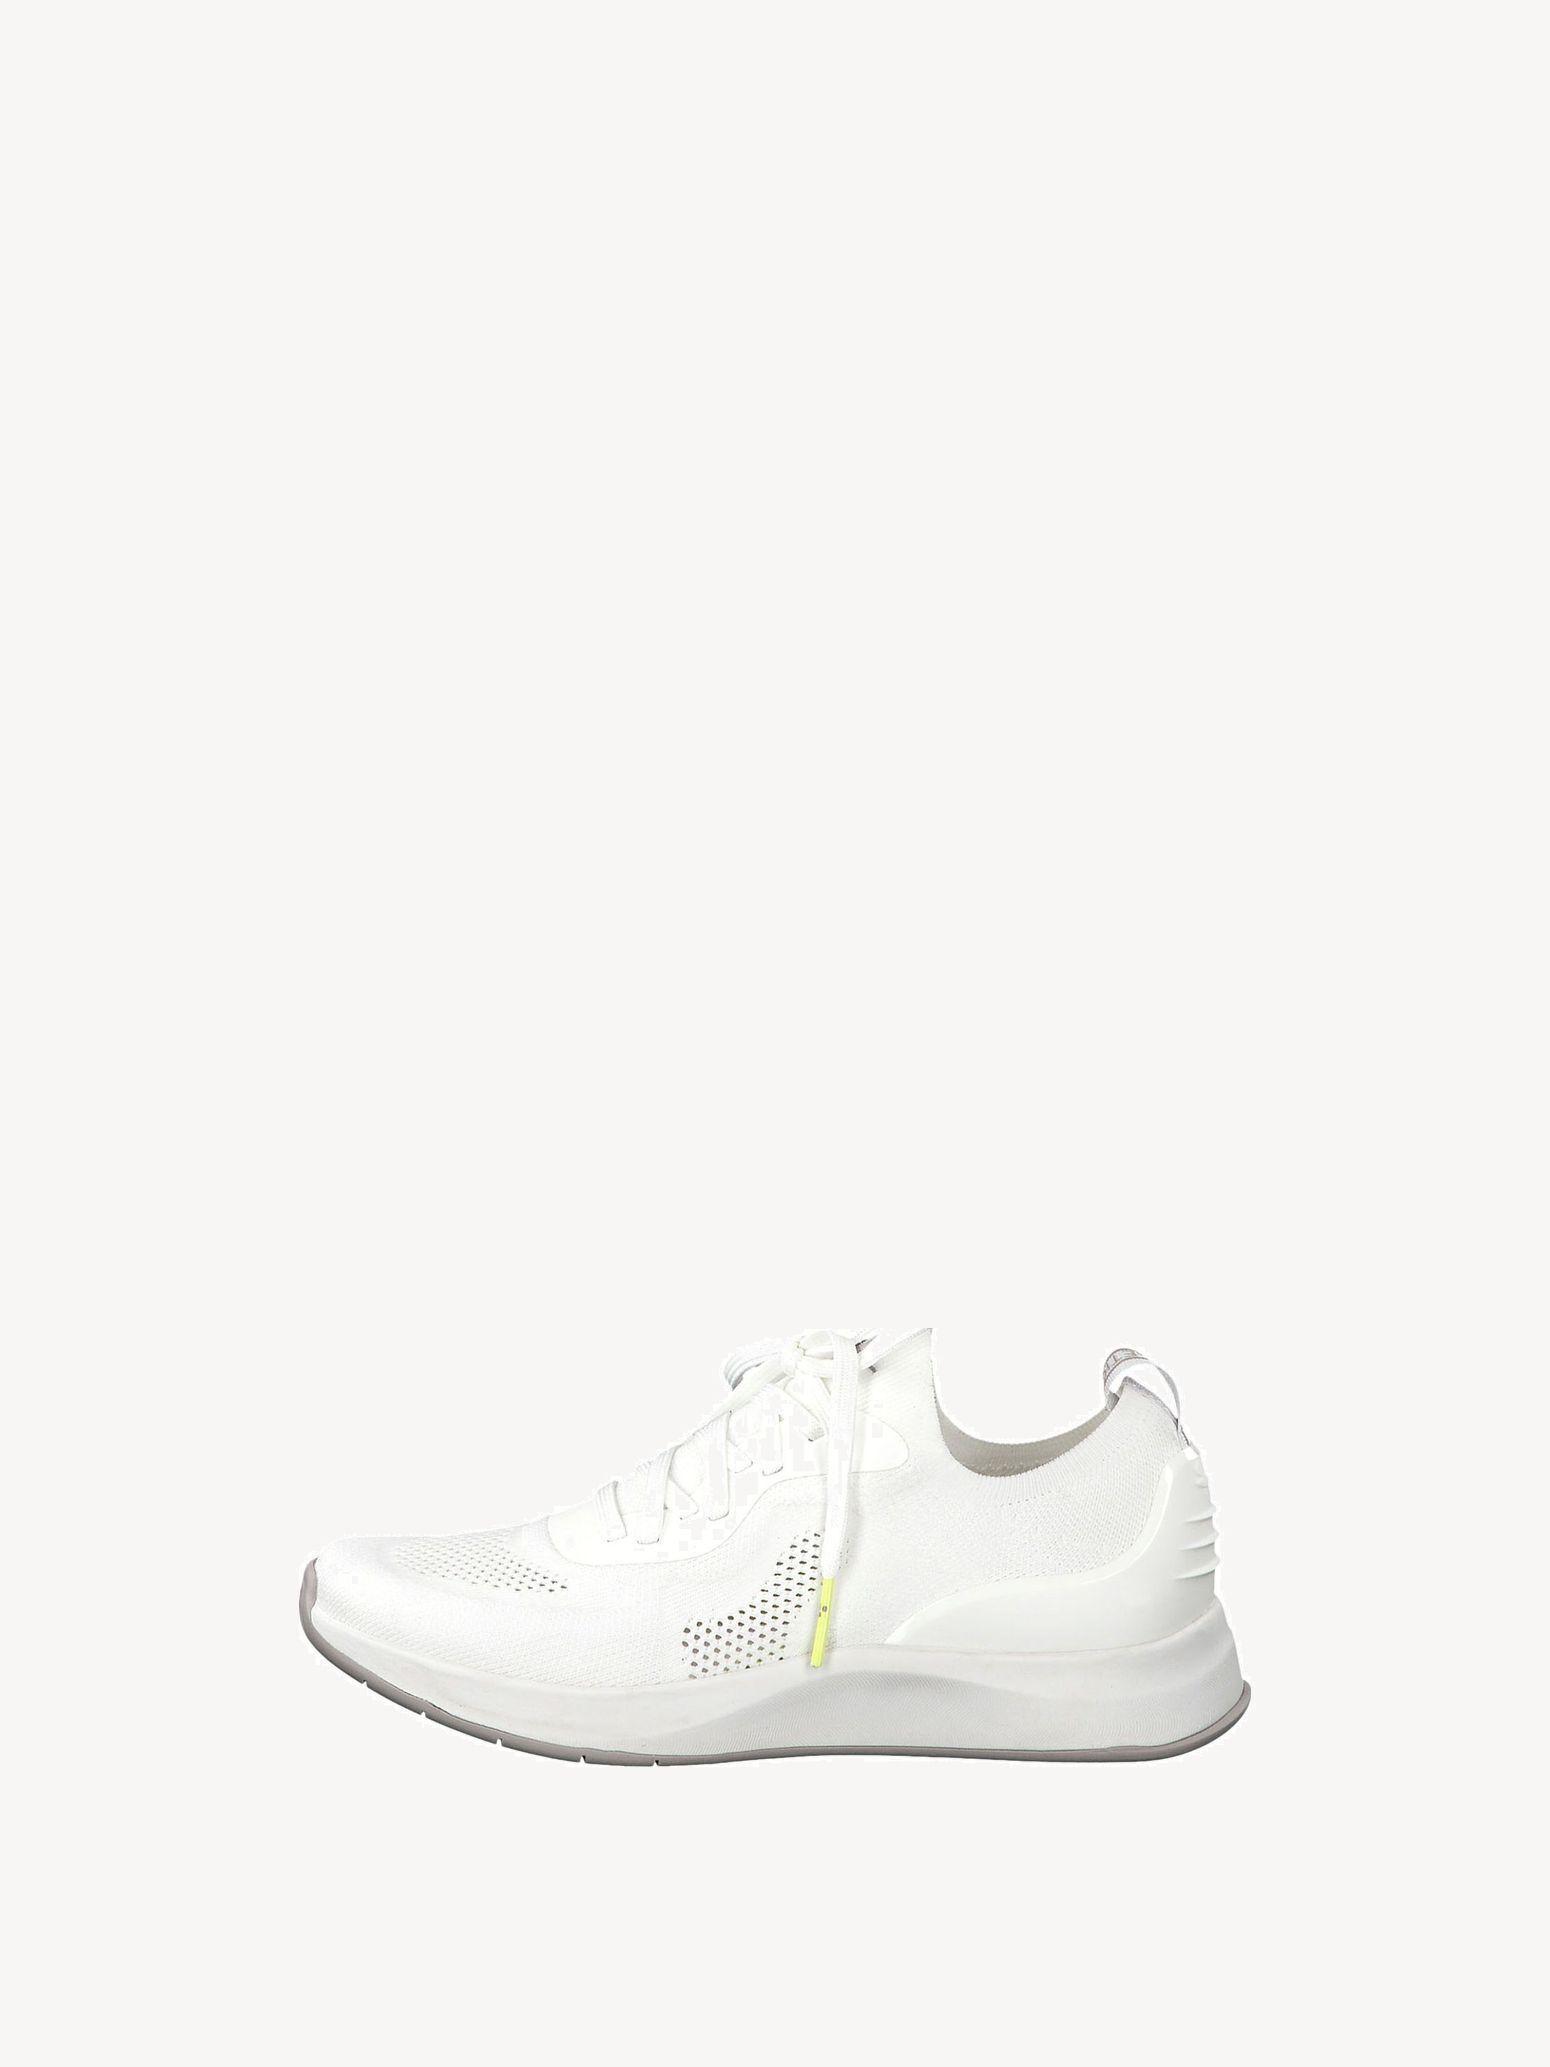 TAMARIS 1 1 23714 22 925 Damen Schuhe Fashletics Sneaker